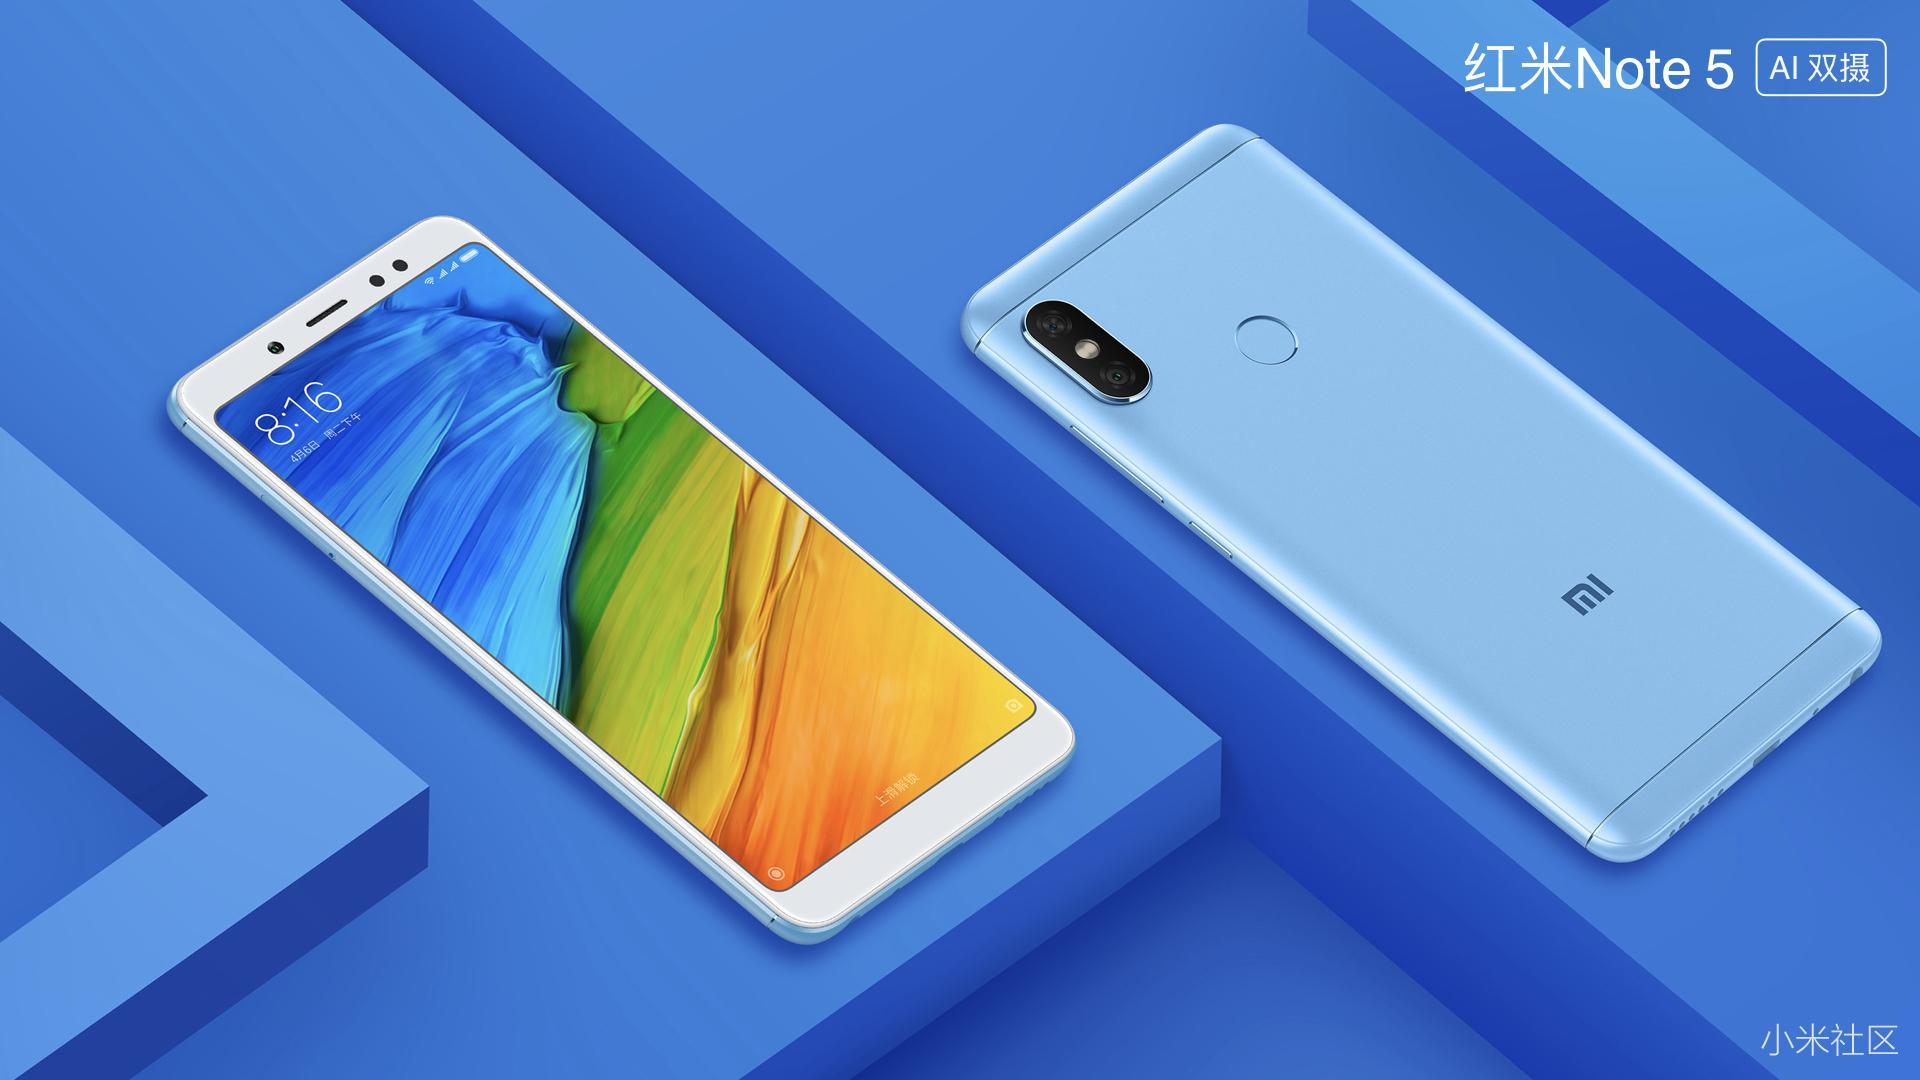 Tout sur le Xiaomi Redmi Note 5 ()